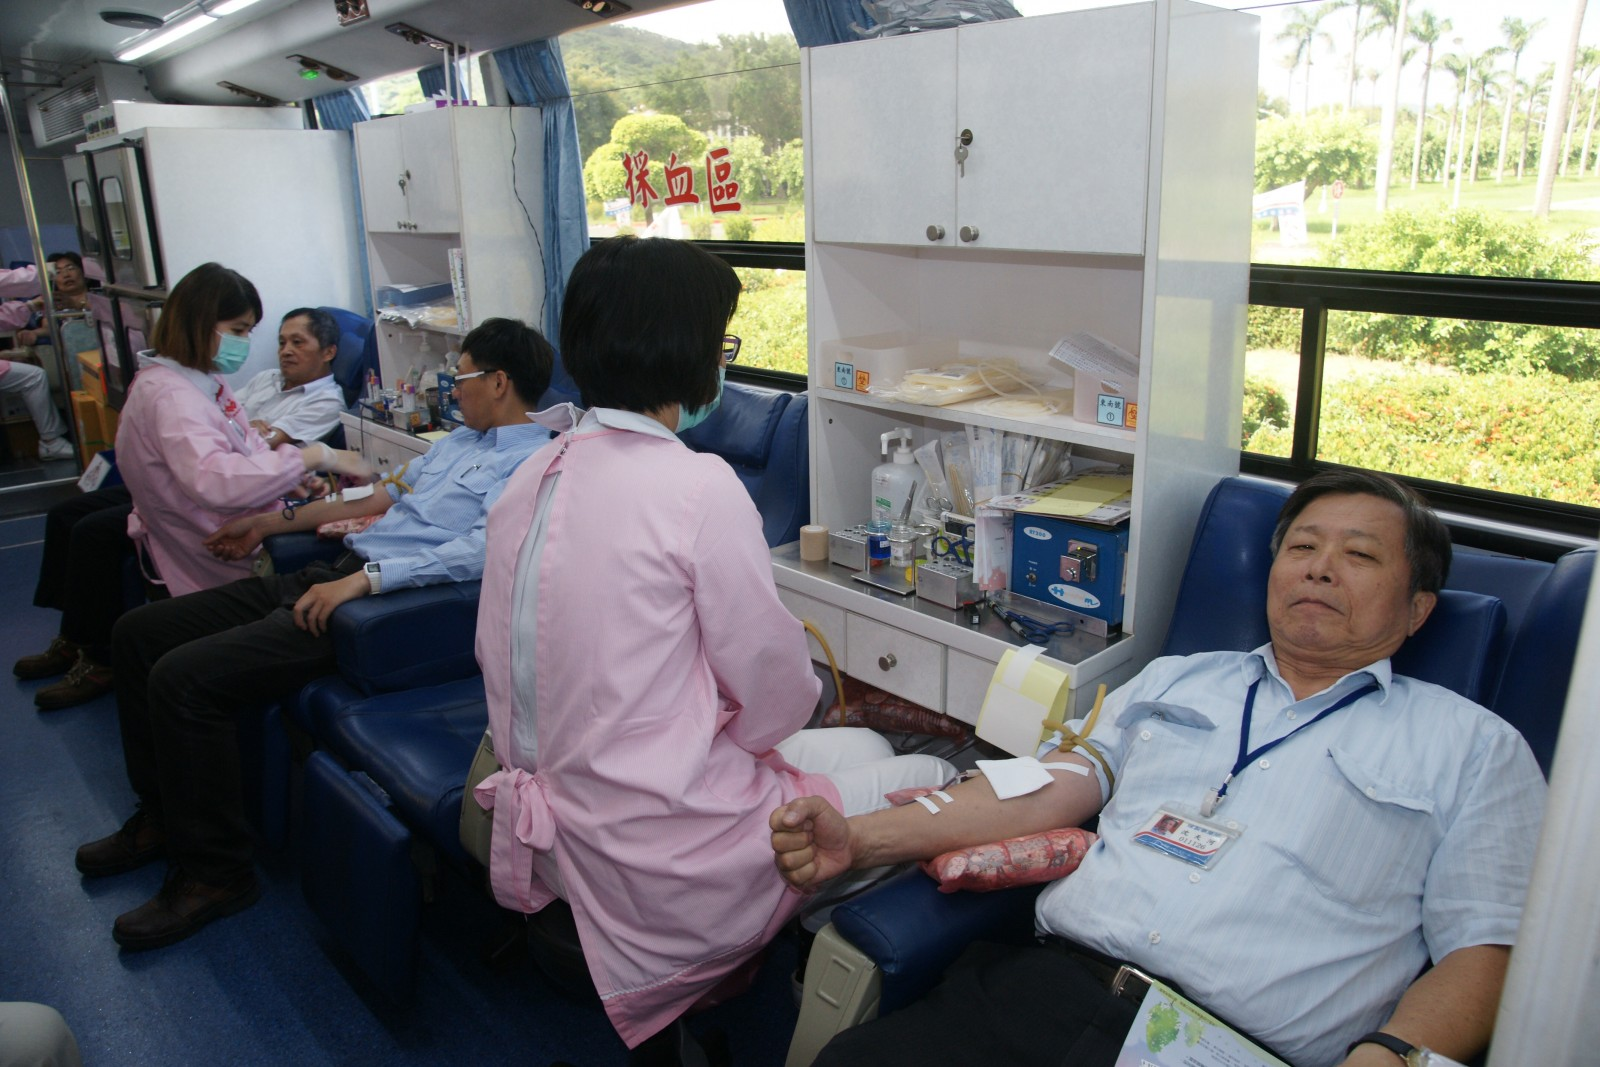 解決社會血荒 中油煉製事業部挽袖捐血